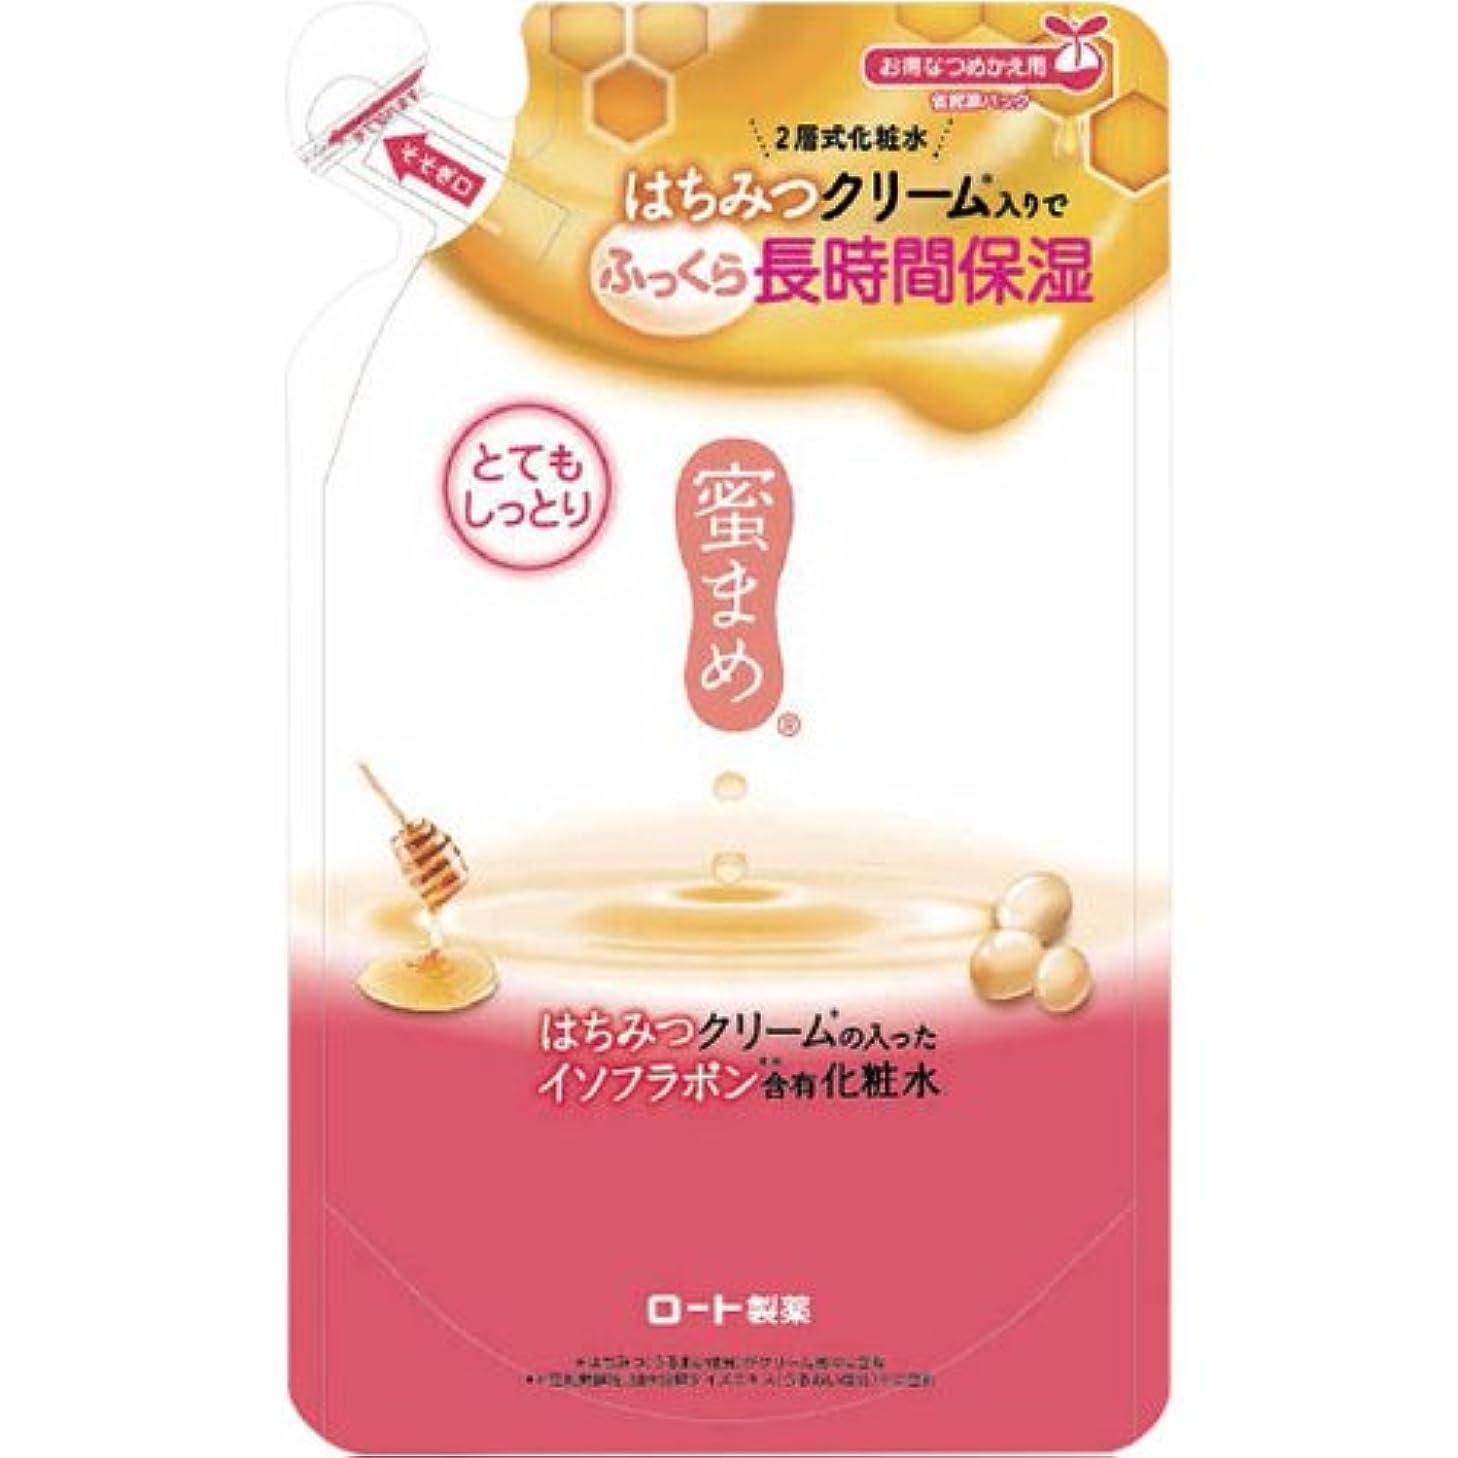 蜜まめ 合わせ化粧水 (とてもしっとり) (つめかえ用) 180mL